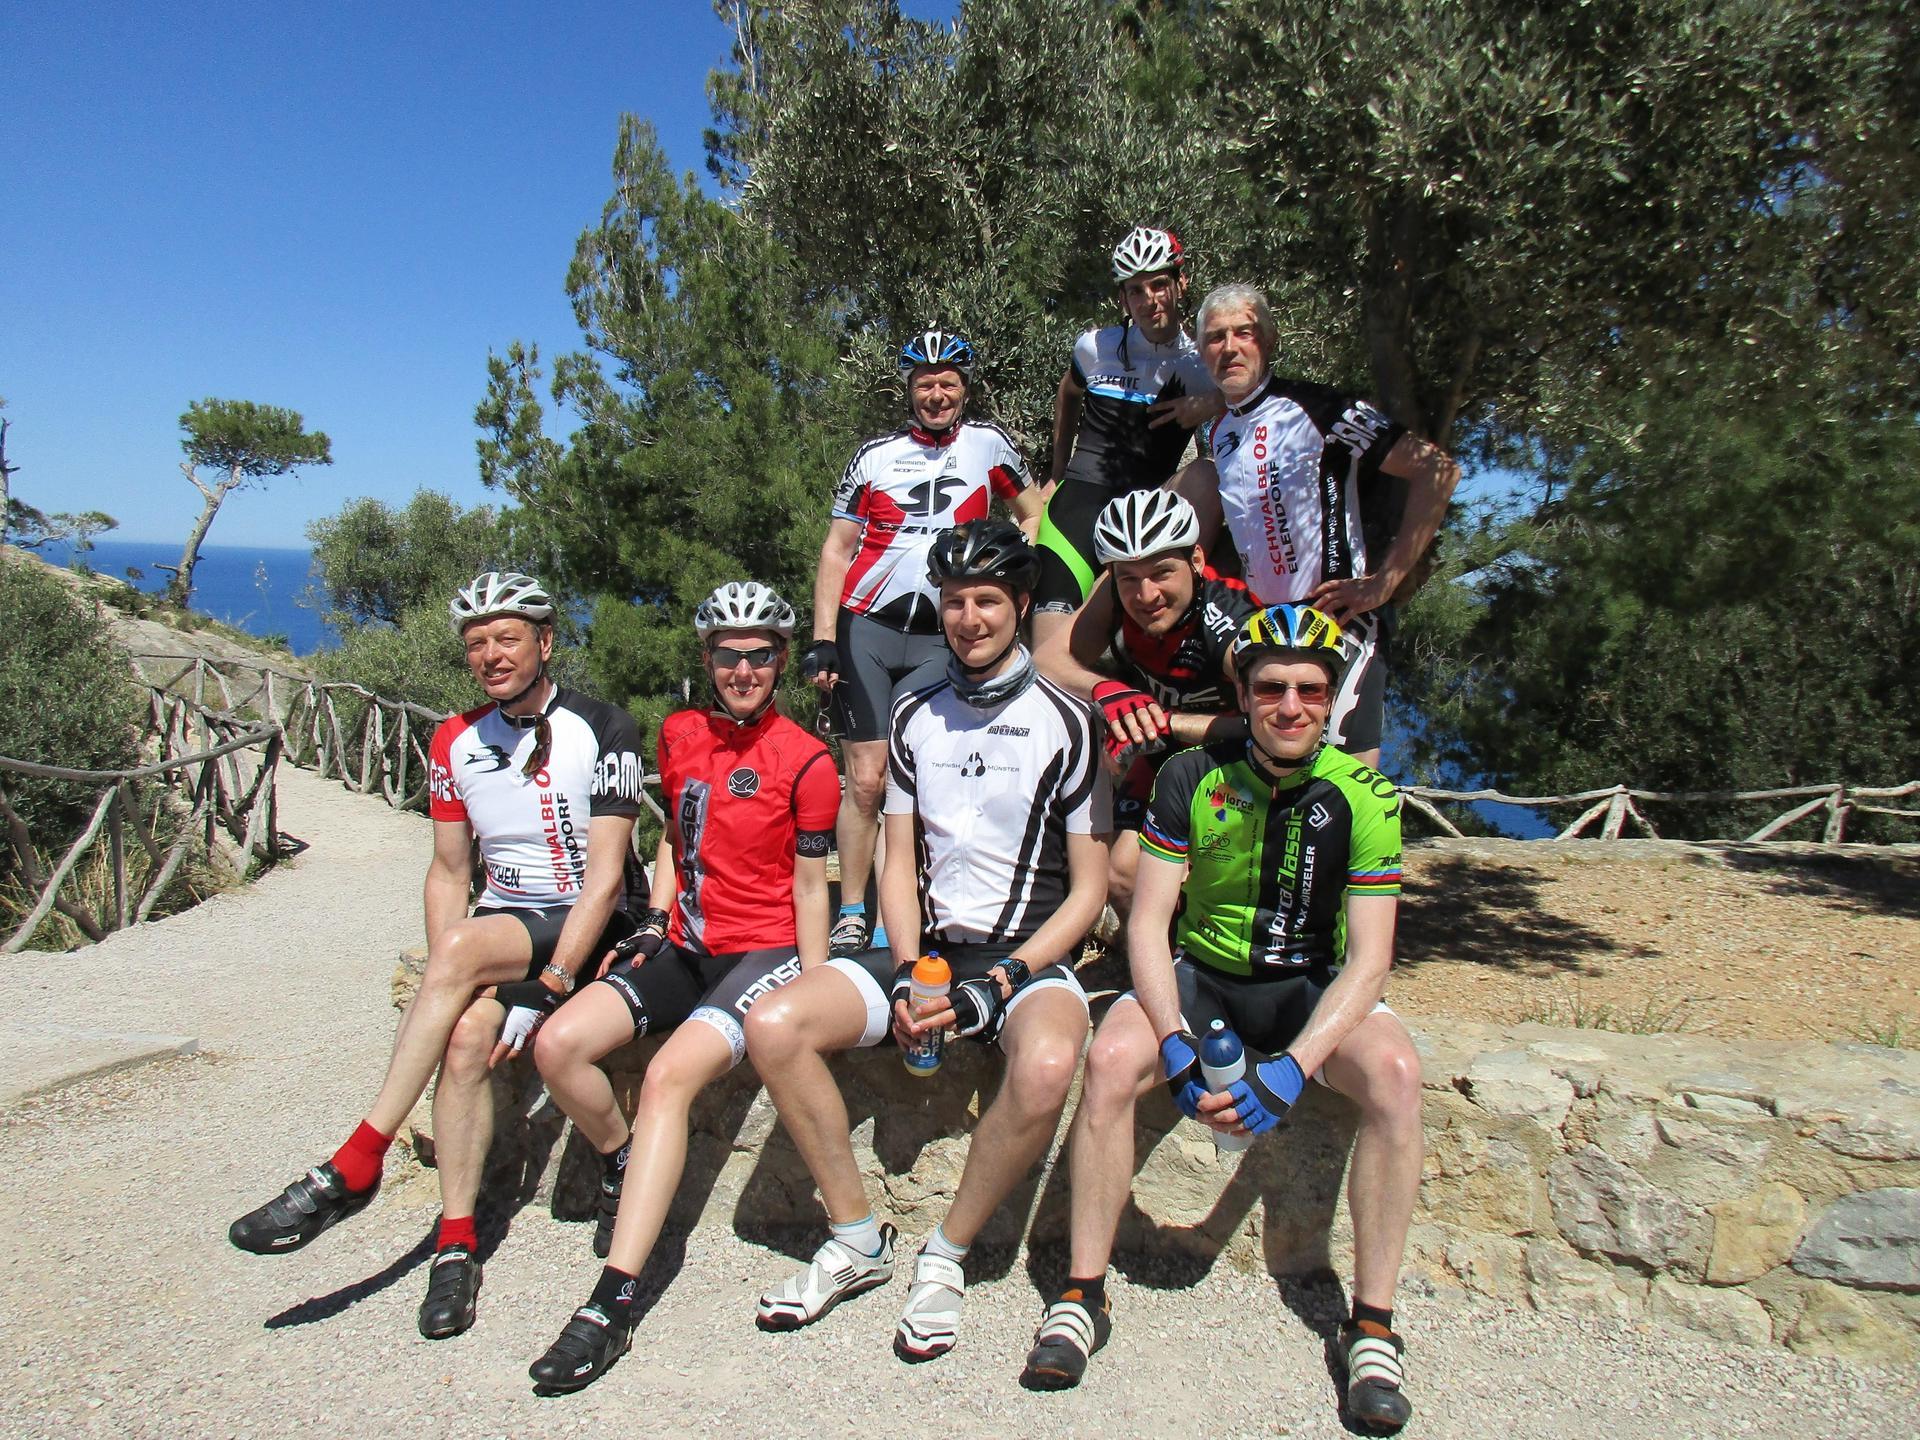 Auf dem Gruppenfoto, das an der Küstenstraße entstand, sind Felix und Ben in der Mitte zu sehen (Felix mit schwarzem Helm, daneben Ben mit roten Handschuhen).